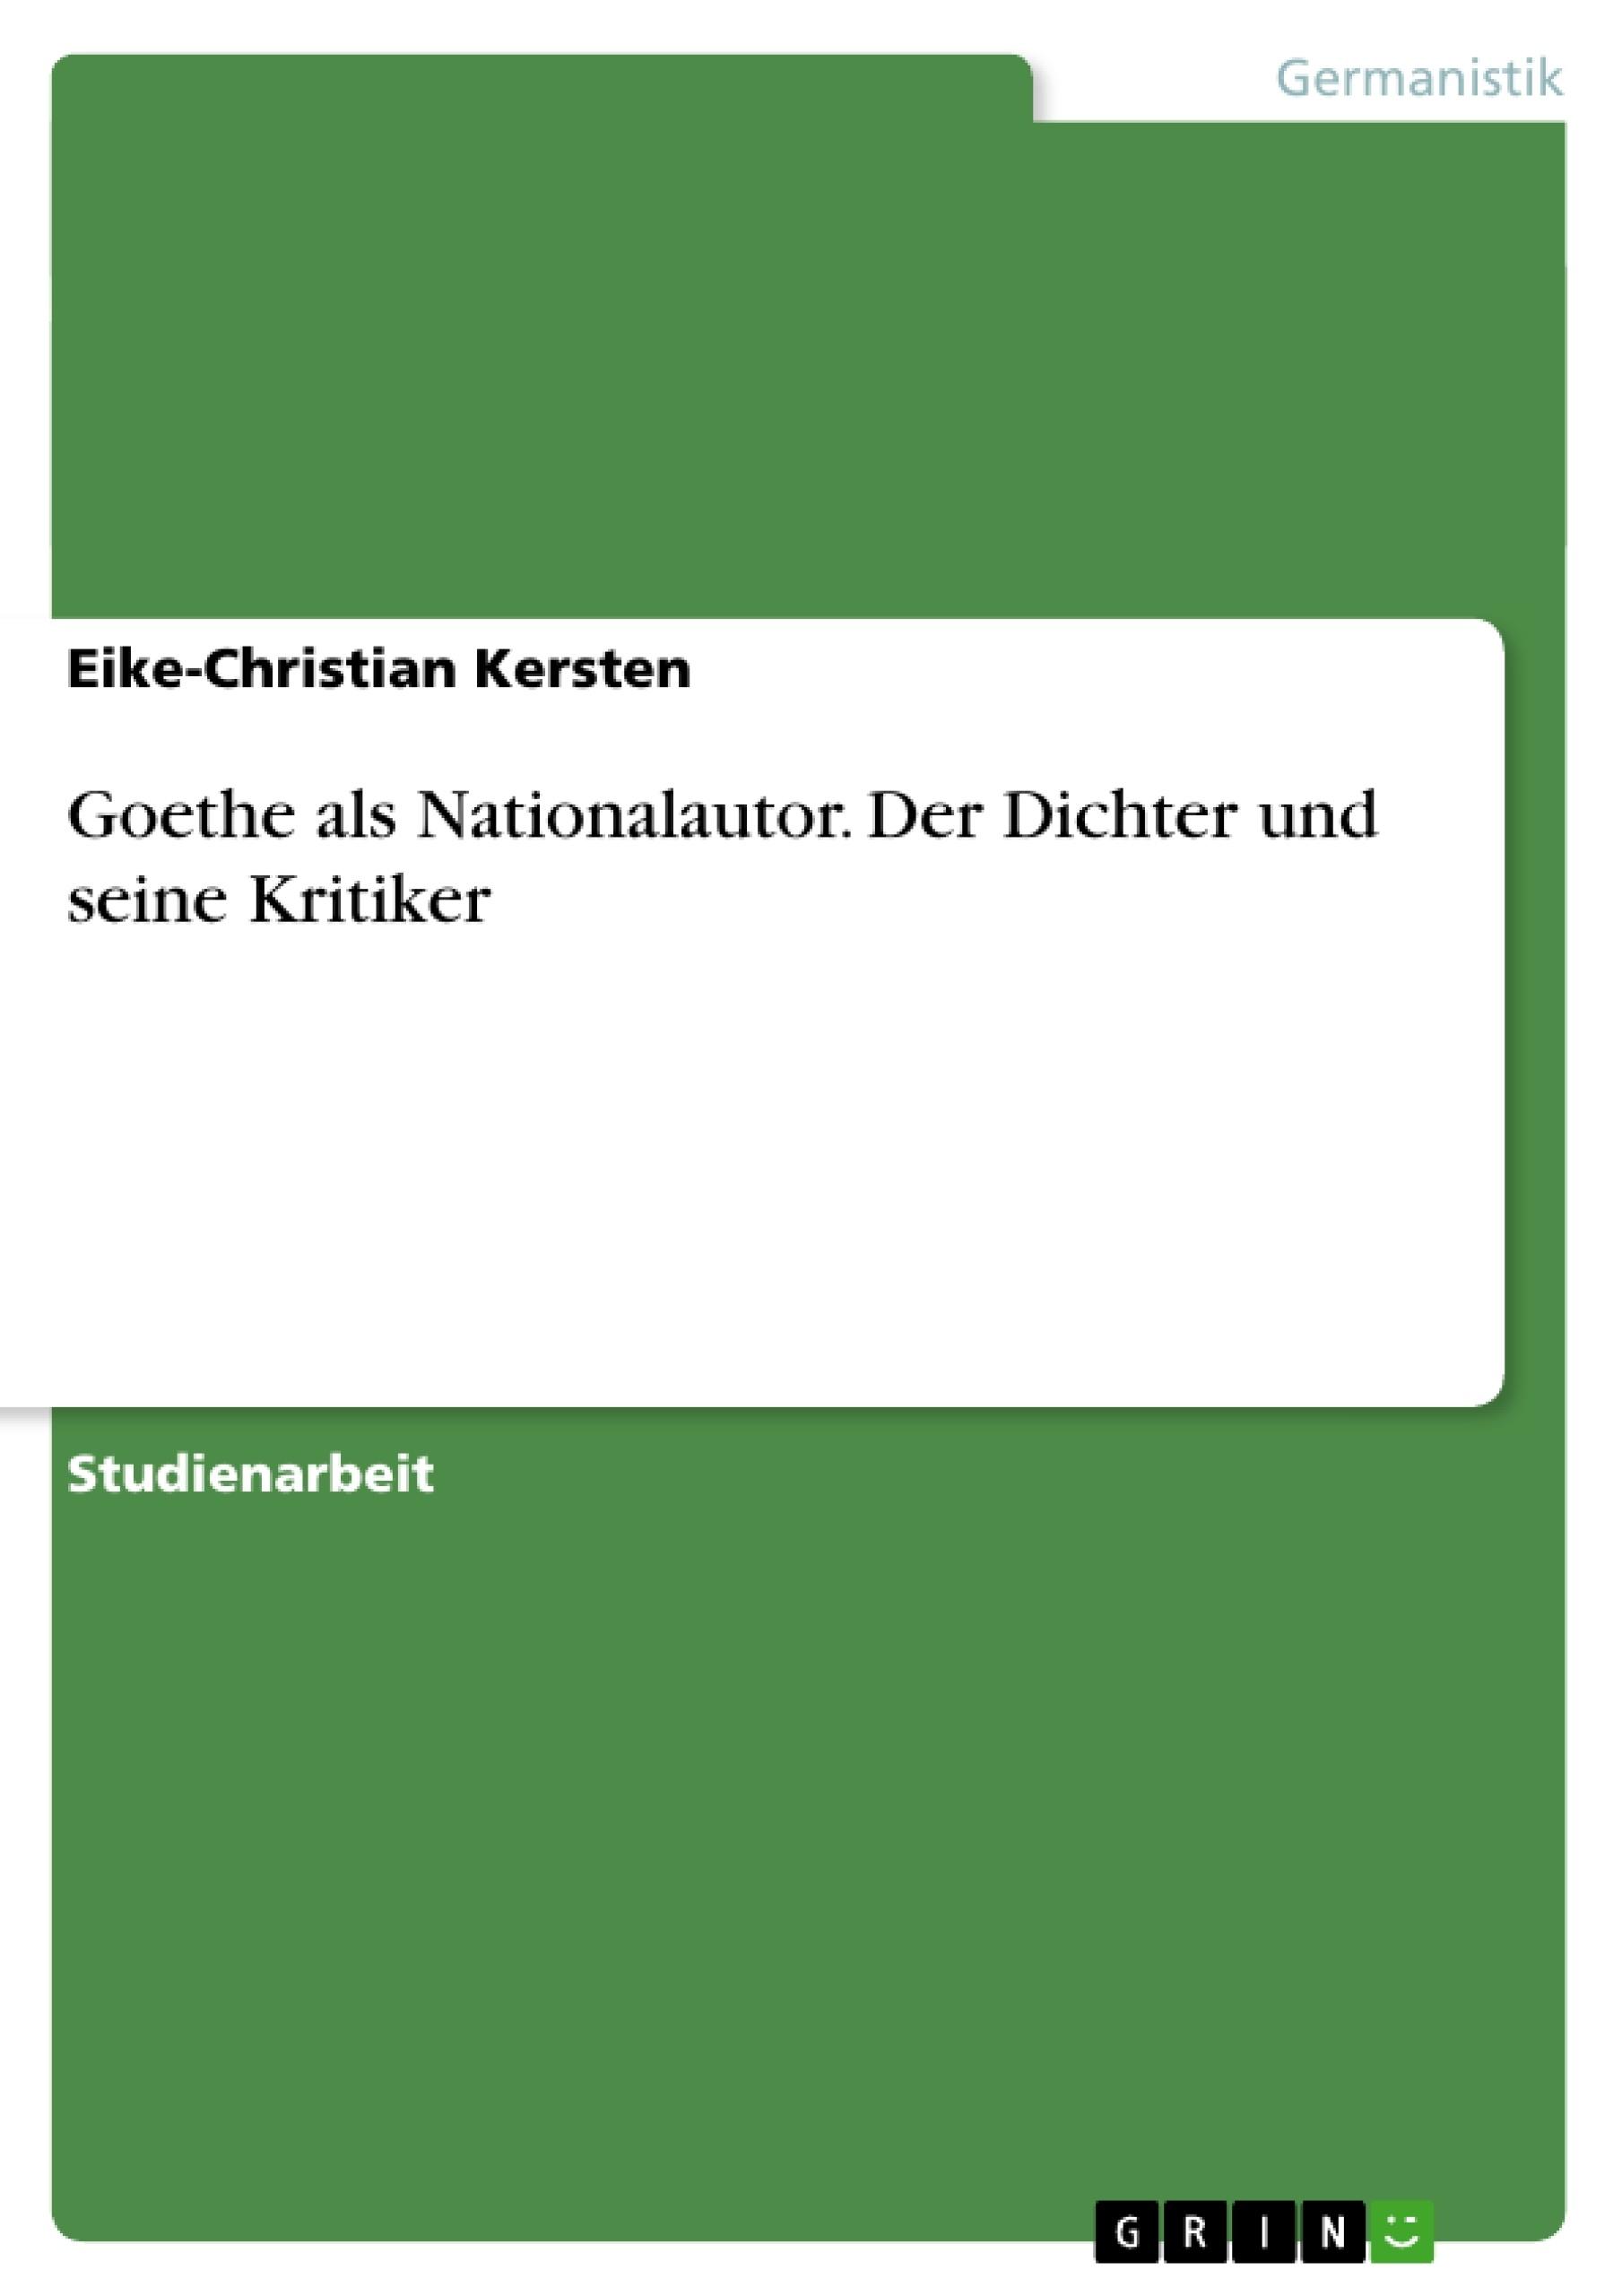 Titel: Goethe als Nationalautor. Der Dichter und seine Kritiker